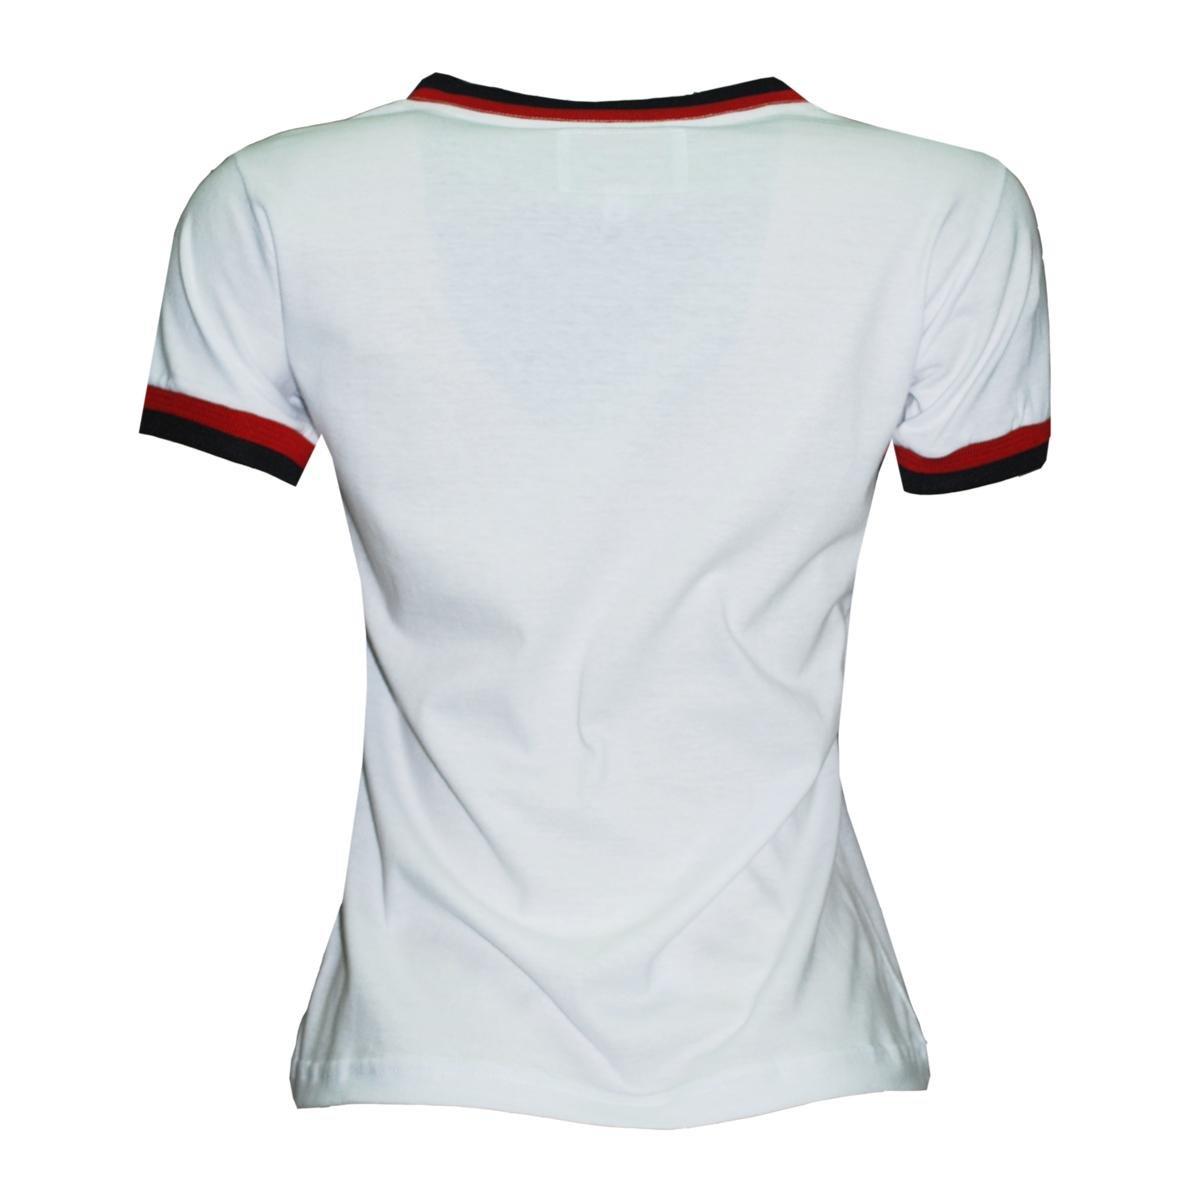 1983 Atlético PR Camiseta Branco Retrô Liga Camiseta Atlético Retrô Feminino Liga PR awzAn6